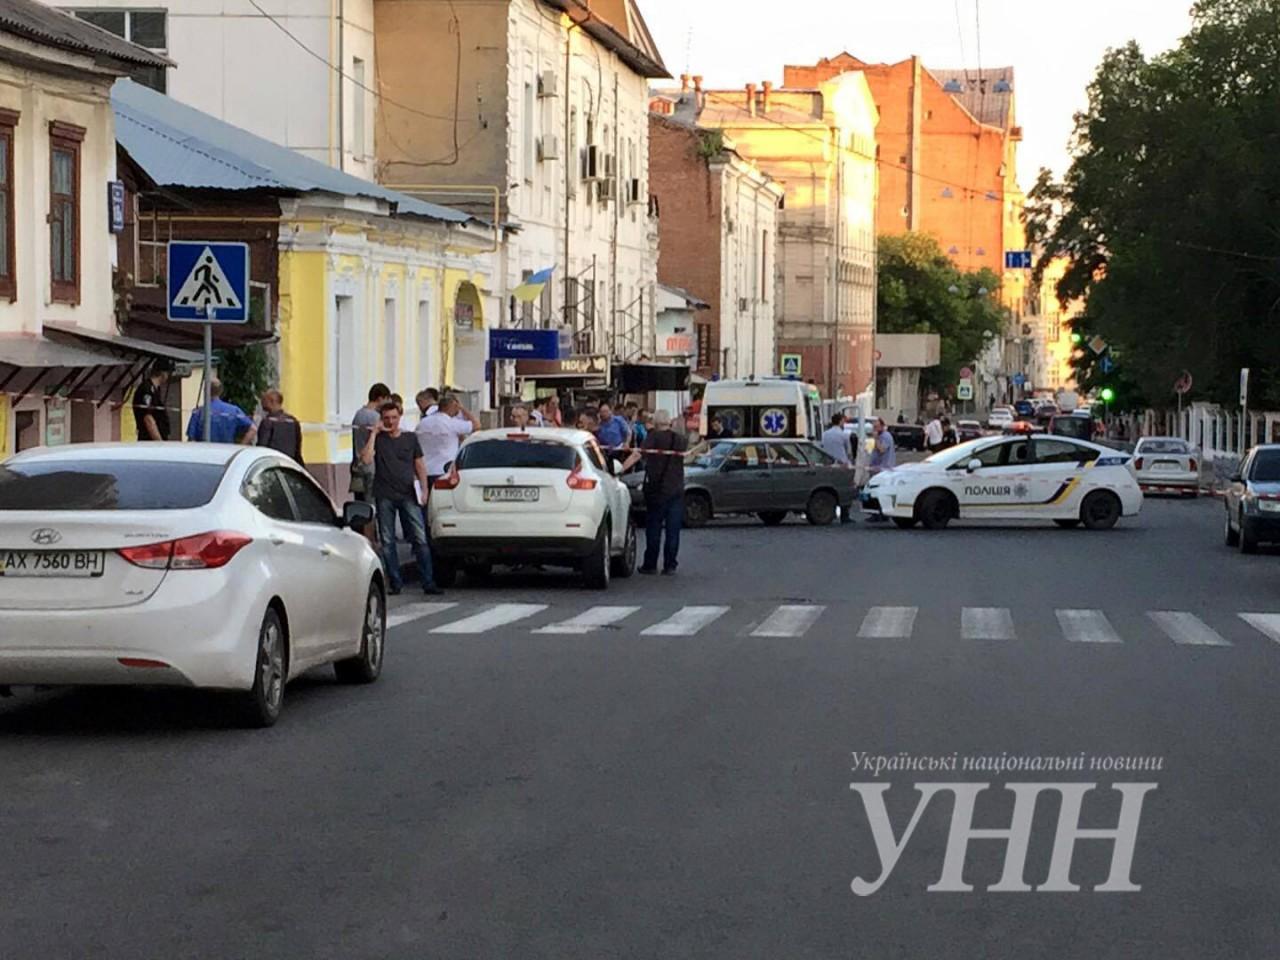 Услуги по получению документов для электроснабжения в Головачева улица документы для подключения электричества в Струпна